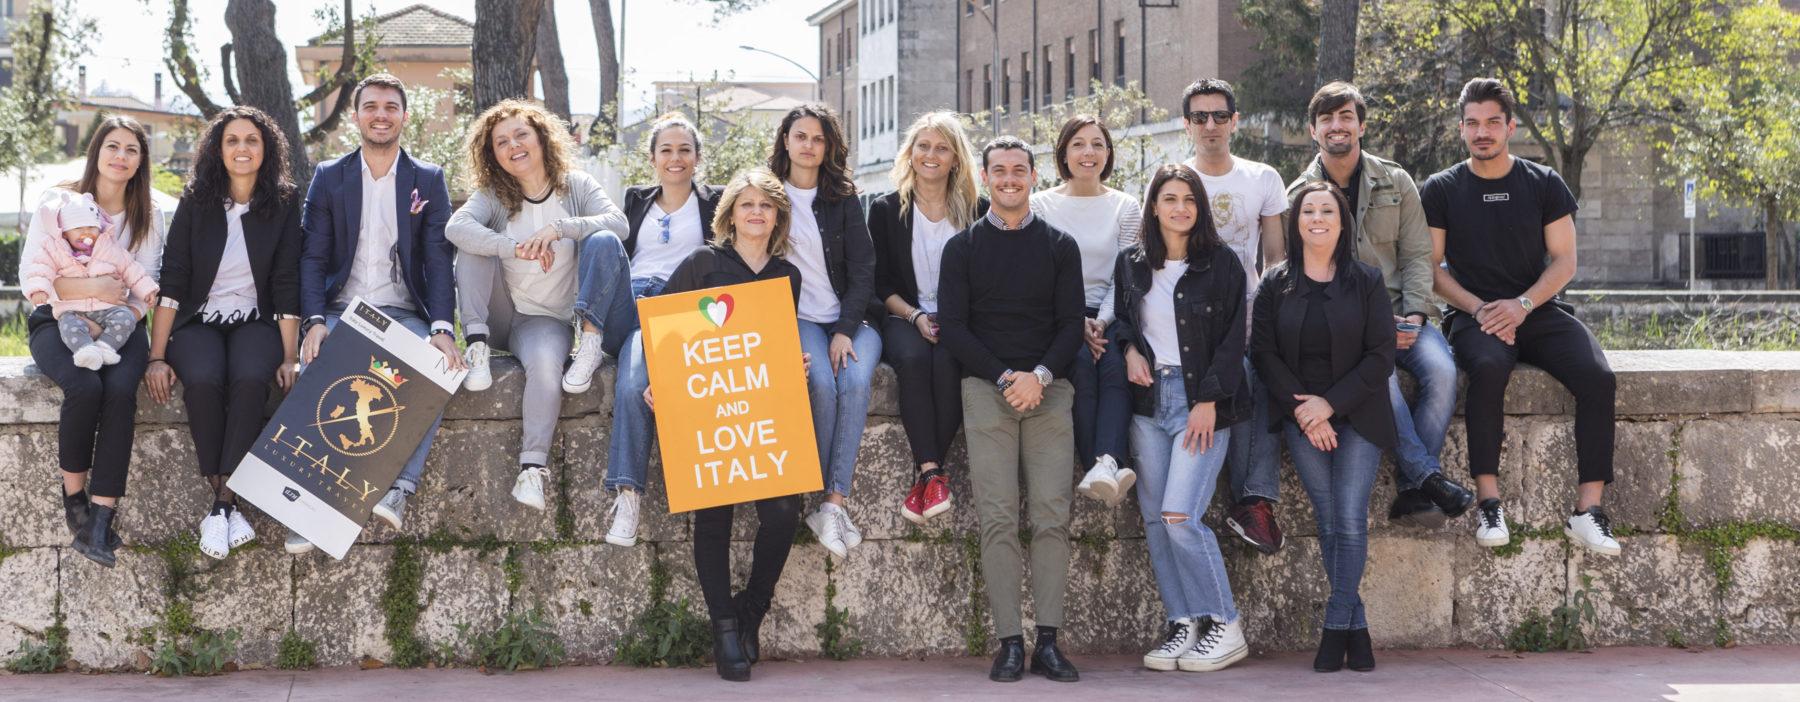 Italy Luxury Travel team